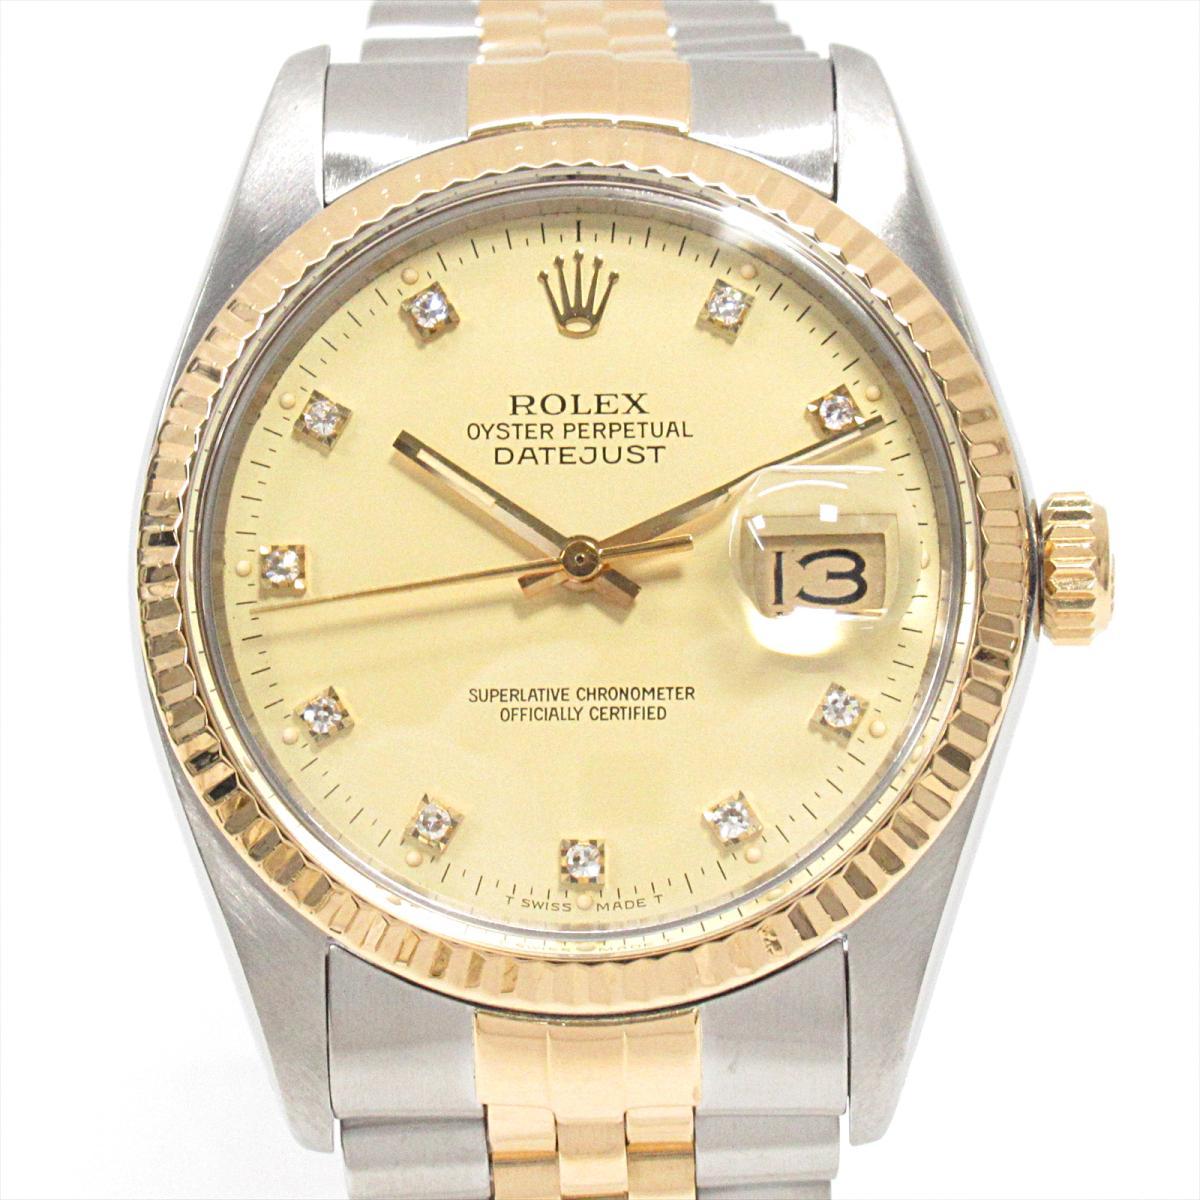 独特な店 【】 ロレックス | デイトジャスト ブランド 腕時計 デイトジャスト ウォッチ メンズ ステンレススチール (SS) K18YG (イエローゴールド) ダイヤモンド (10P) (16013G) | ROLEX BRANDOFF ブランドオフ ブランド ブランド時計 ブランド腕時計 時計, ちびっ子ハウス のま:241155d0 --- baecker-innung-westfalen-sued.de